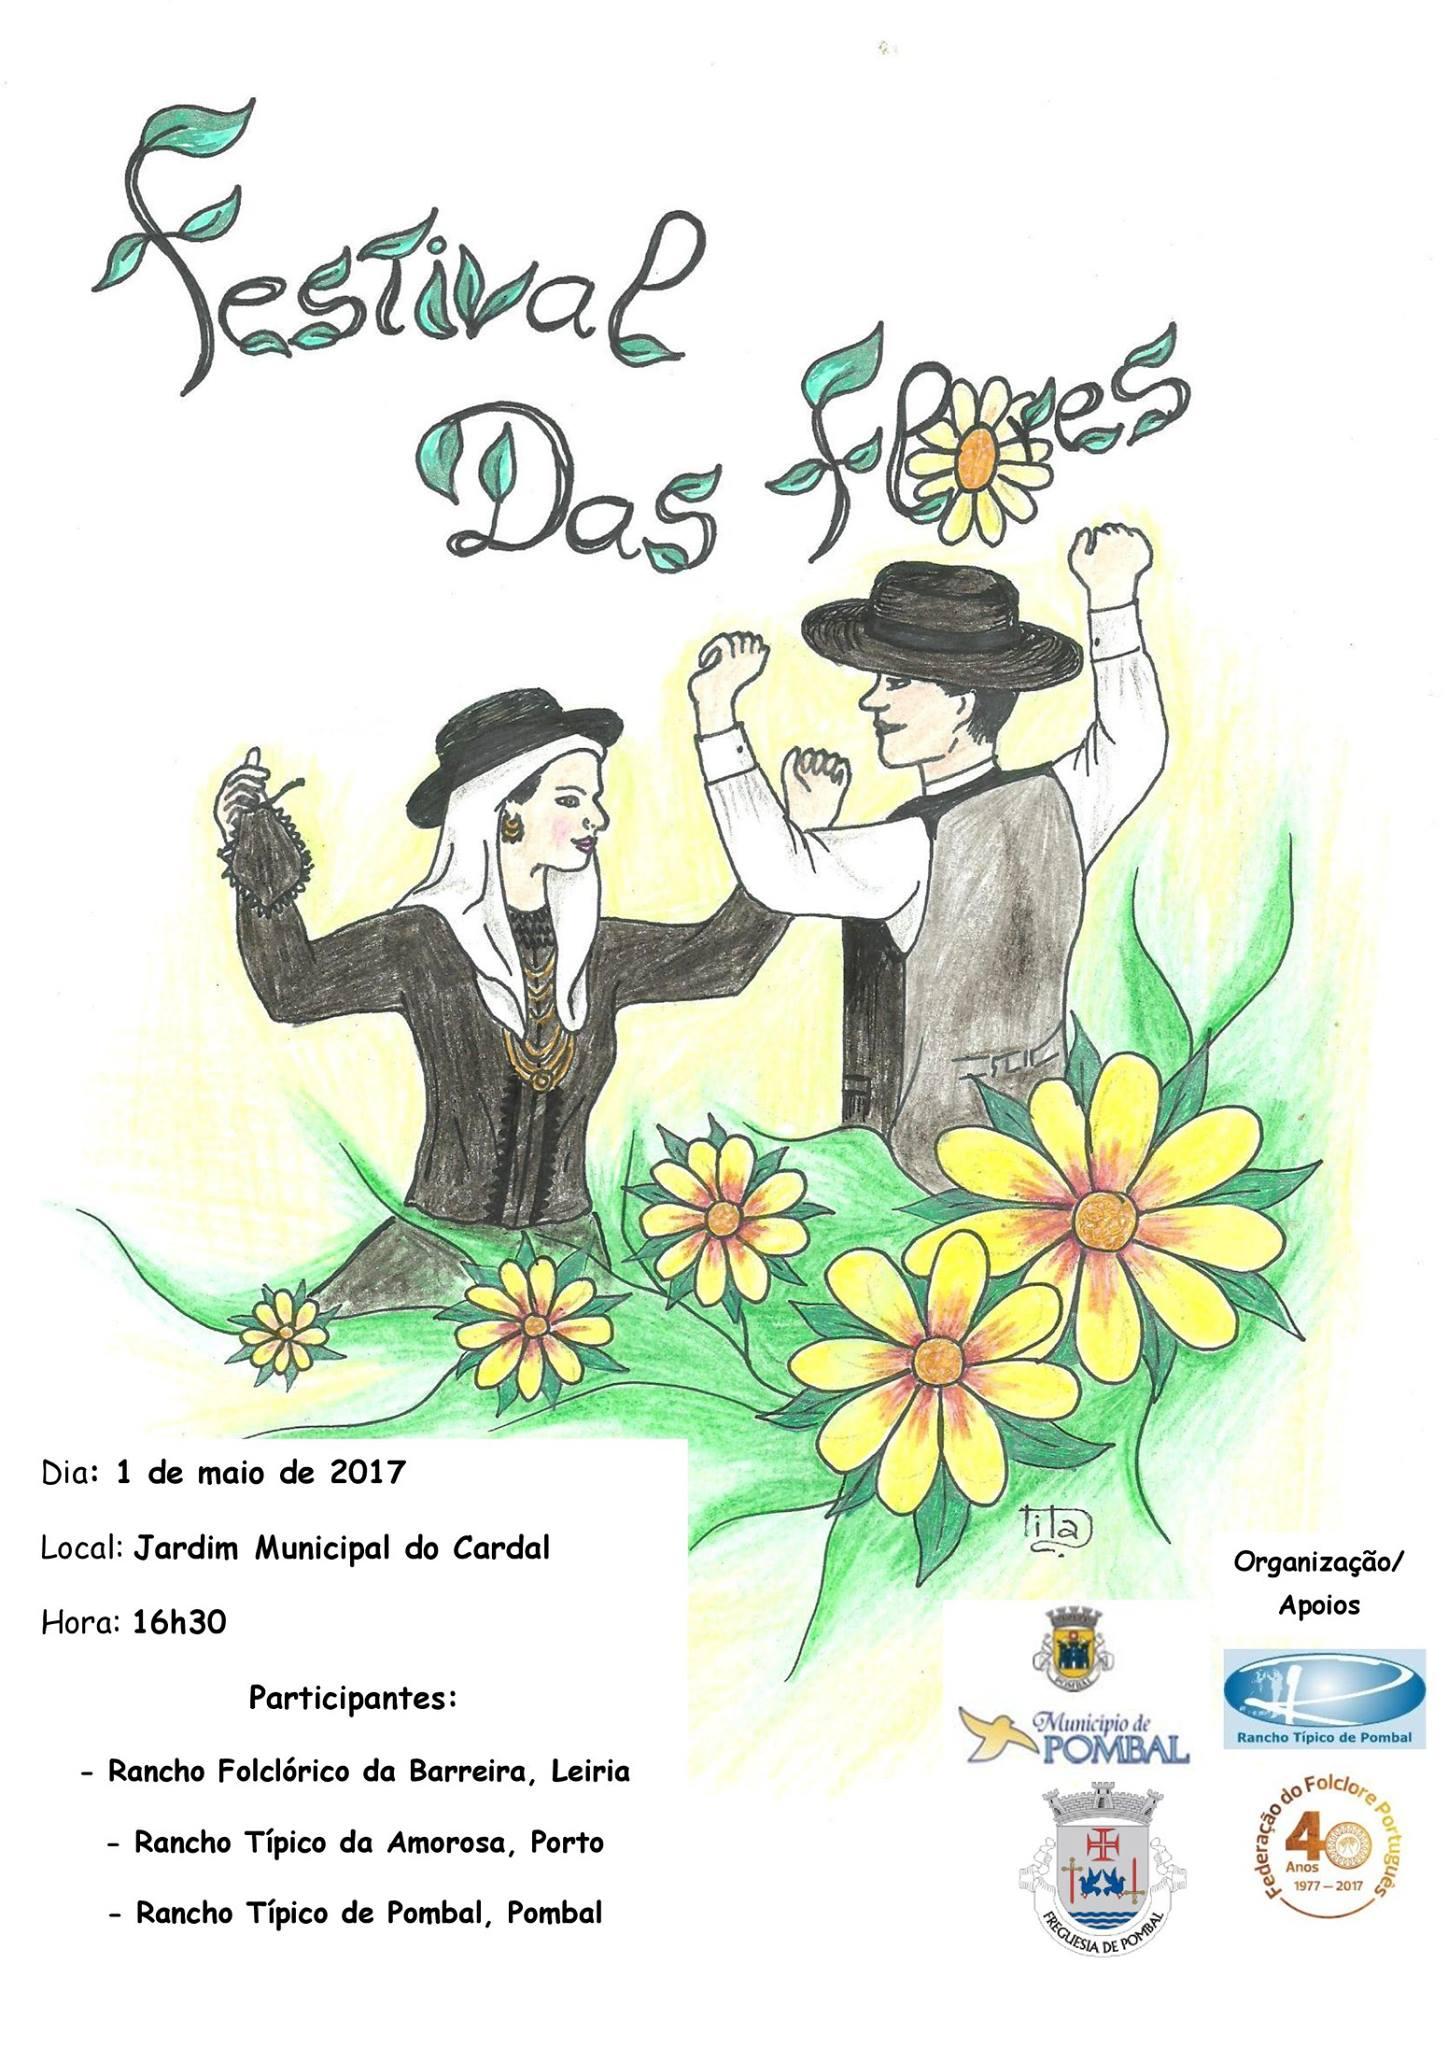 ACCL - Associa\u00e7\u00e3o das Colectividades do Concelho de Lisboa